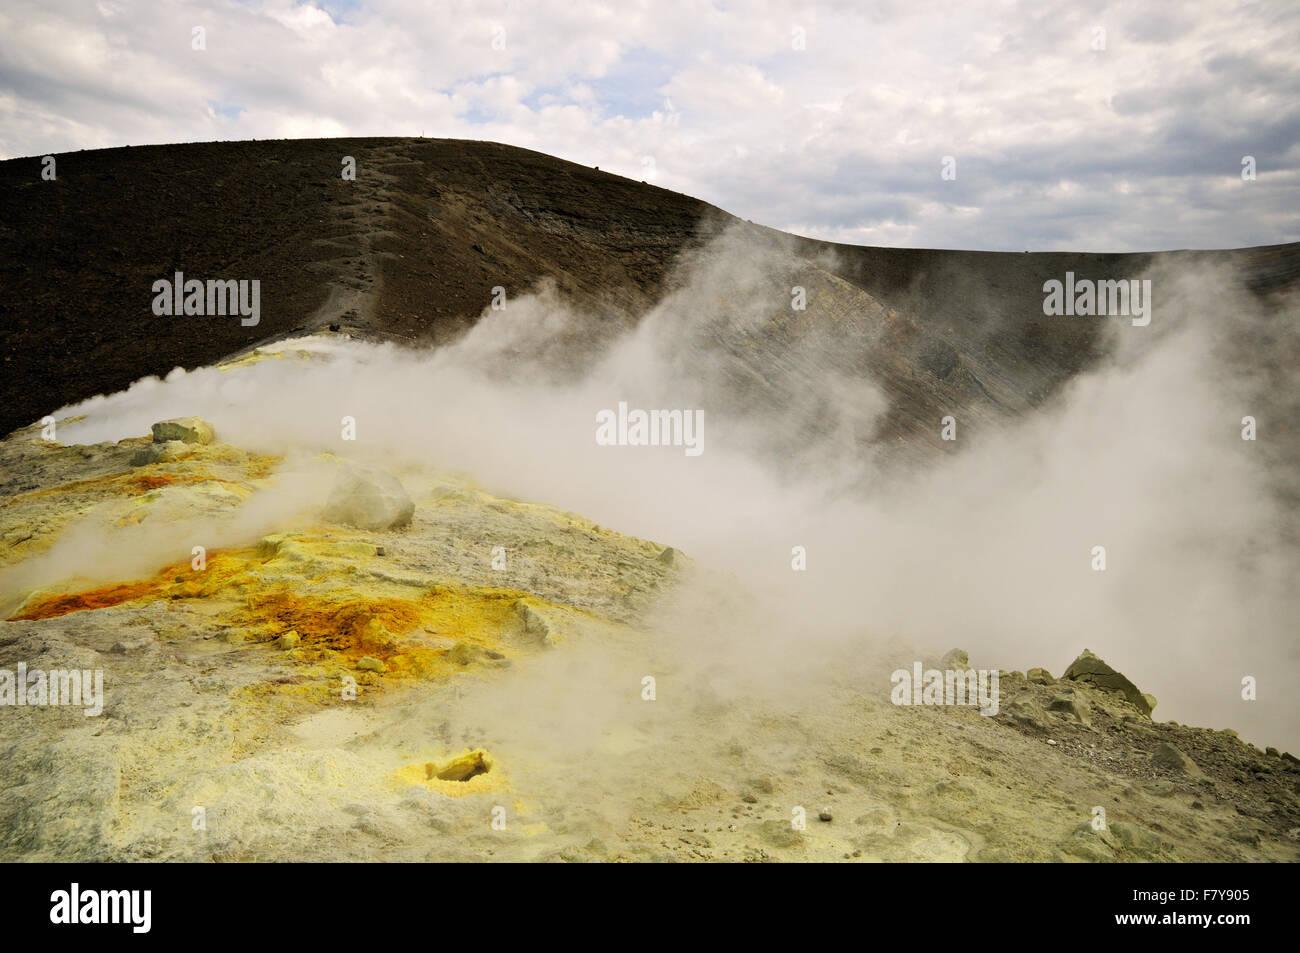 Le soufre et les fumerolles dans le cratère (Gran Cratere) de Vulcano, Iles Eoliennes, Sicile, Italie Photo Stock